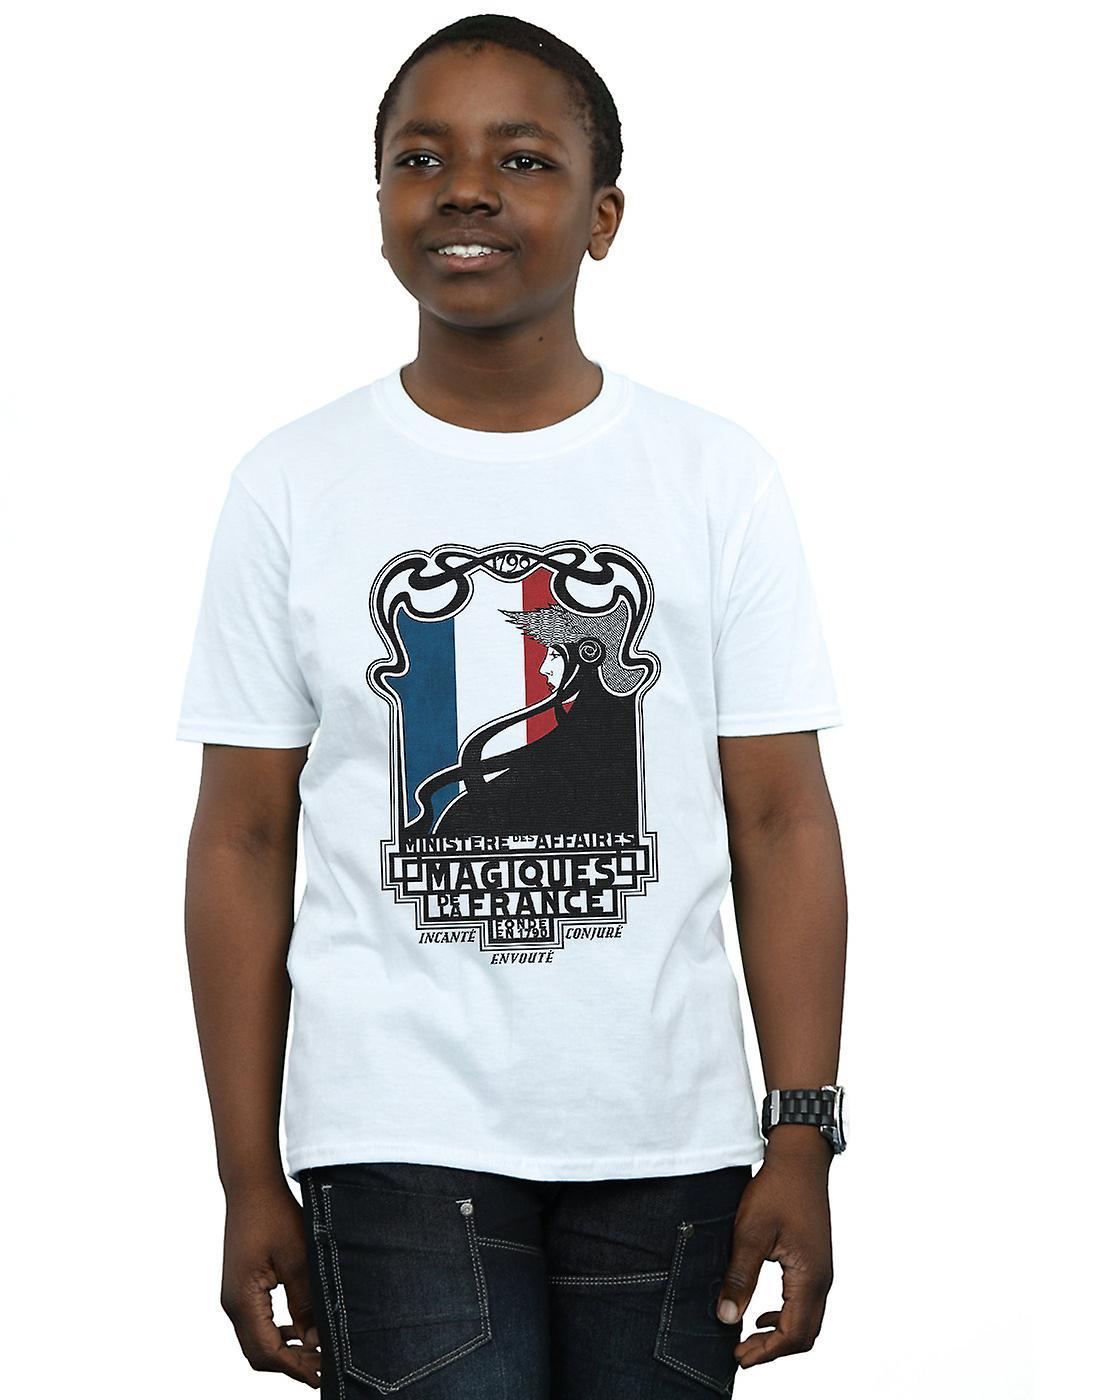 Fantastic Beasts Boys Magiques De La France T-Shirt